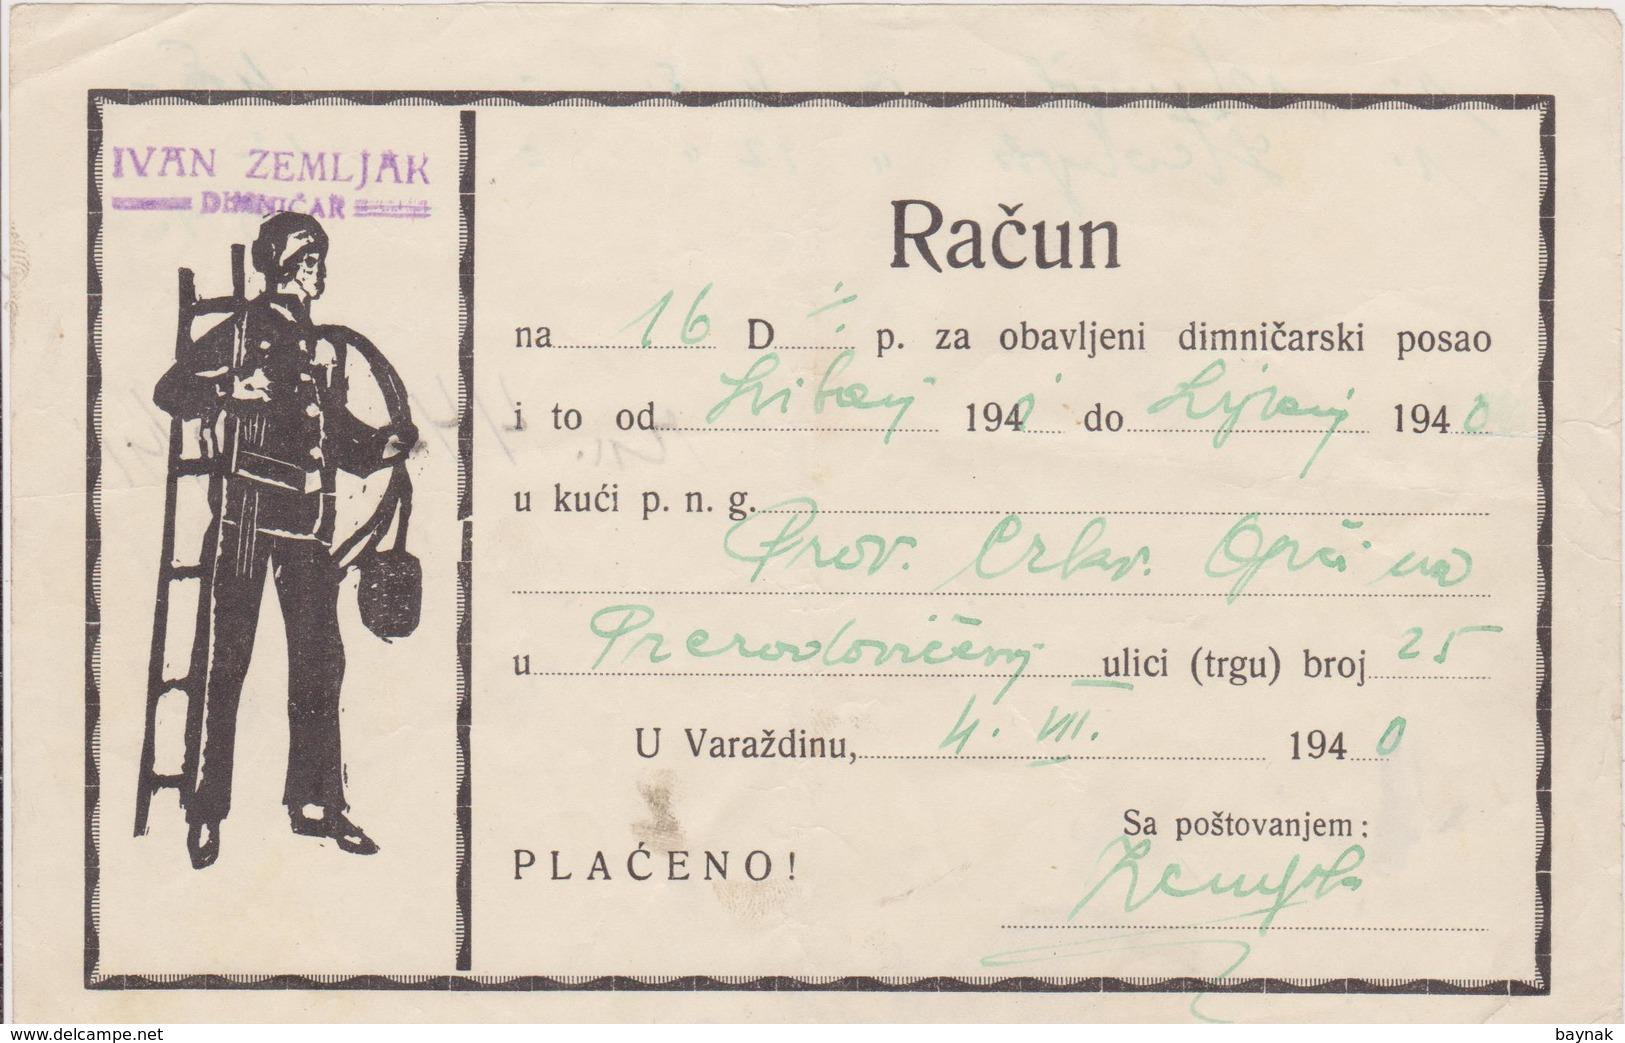 CROATIA  --  VARAZDIN  --  FACTURE, INVOICE  ~  1940 -  IVAN ZEMLJAK,  DIMNJACAR, MONEUR, CHIMNEY SWEEP - Facturen & Commerciële Documenten